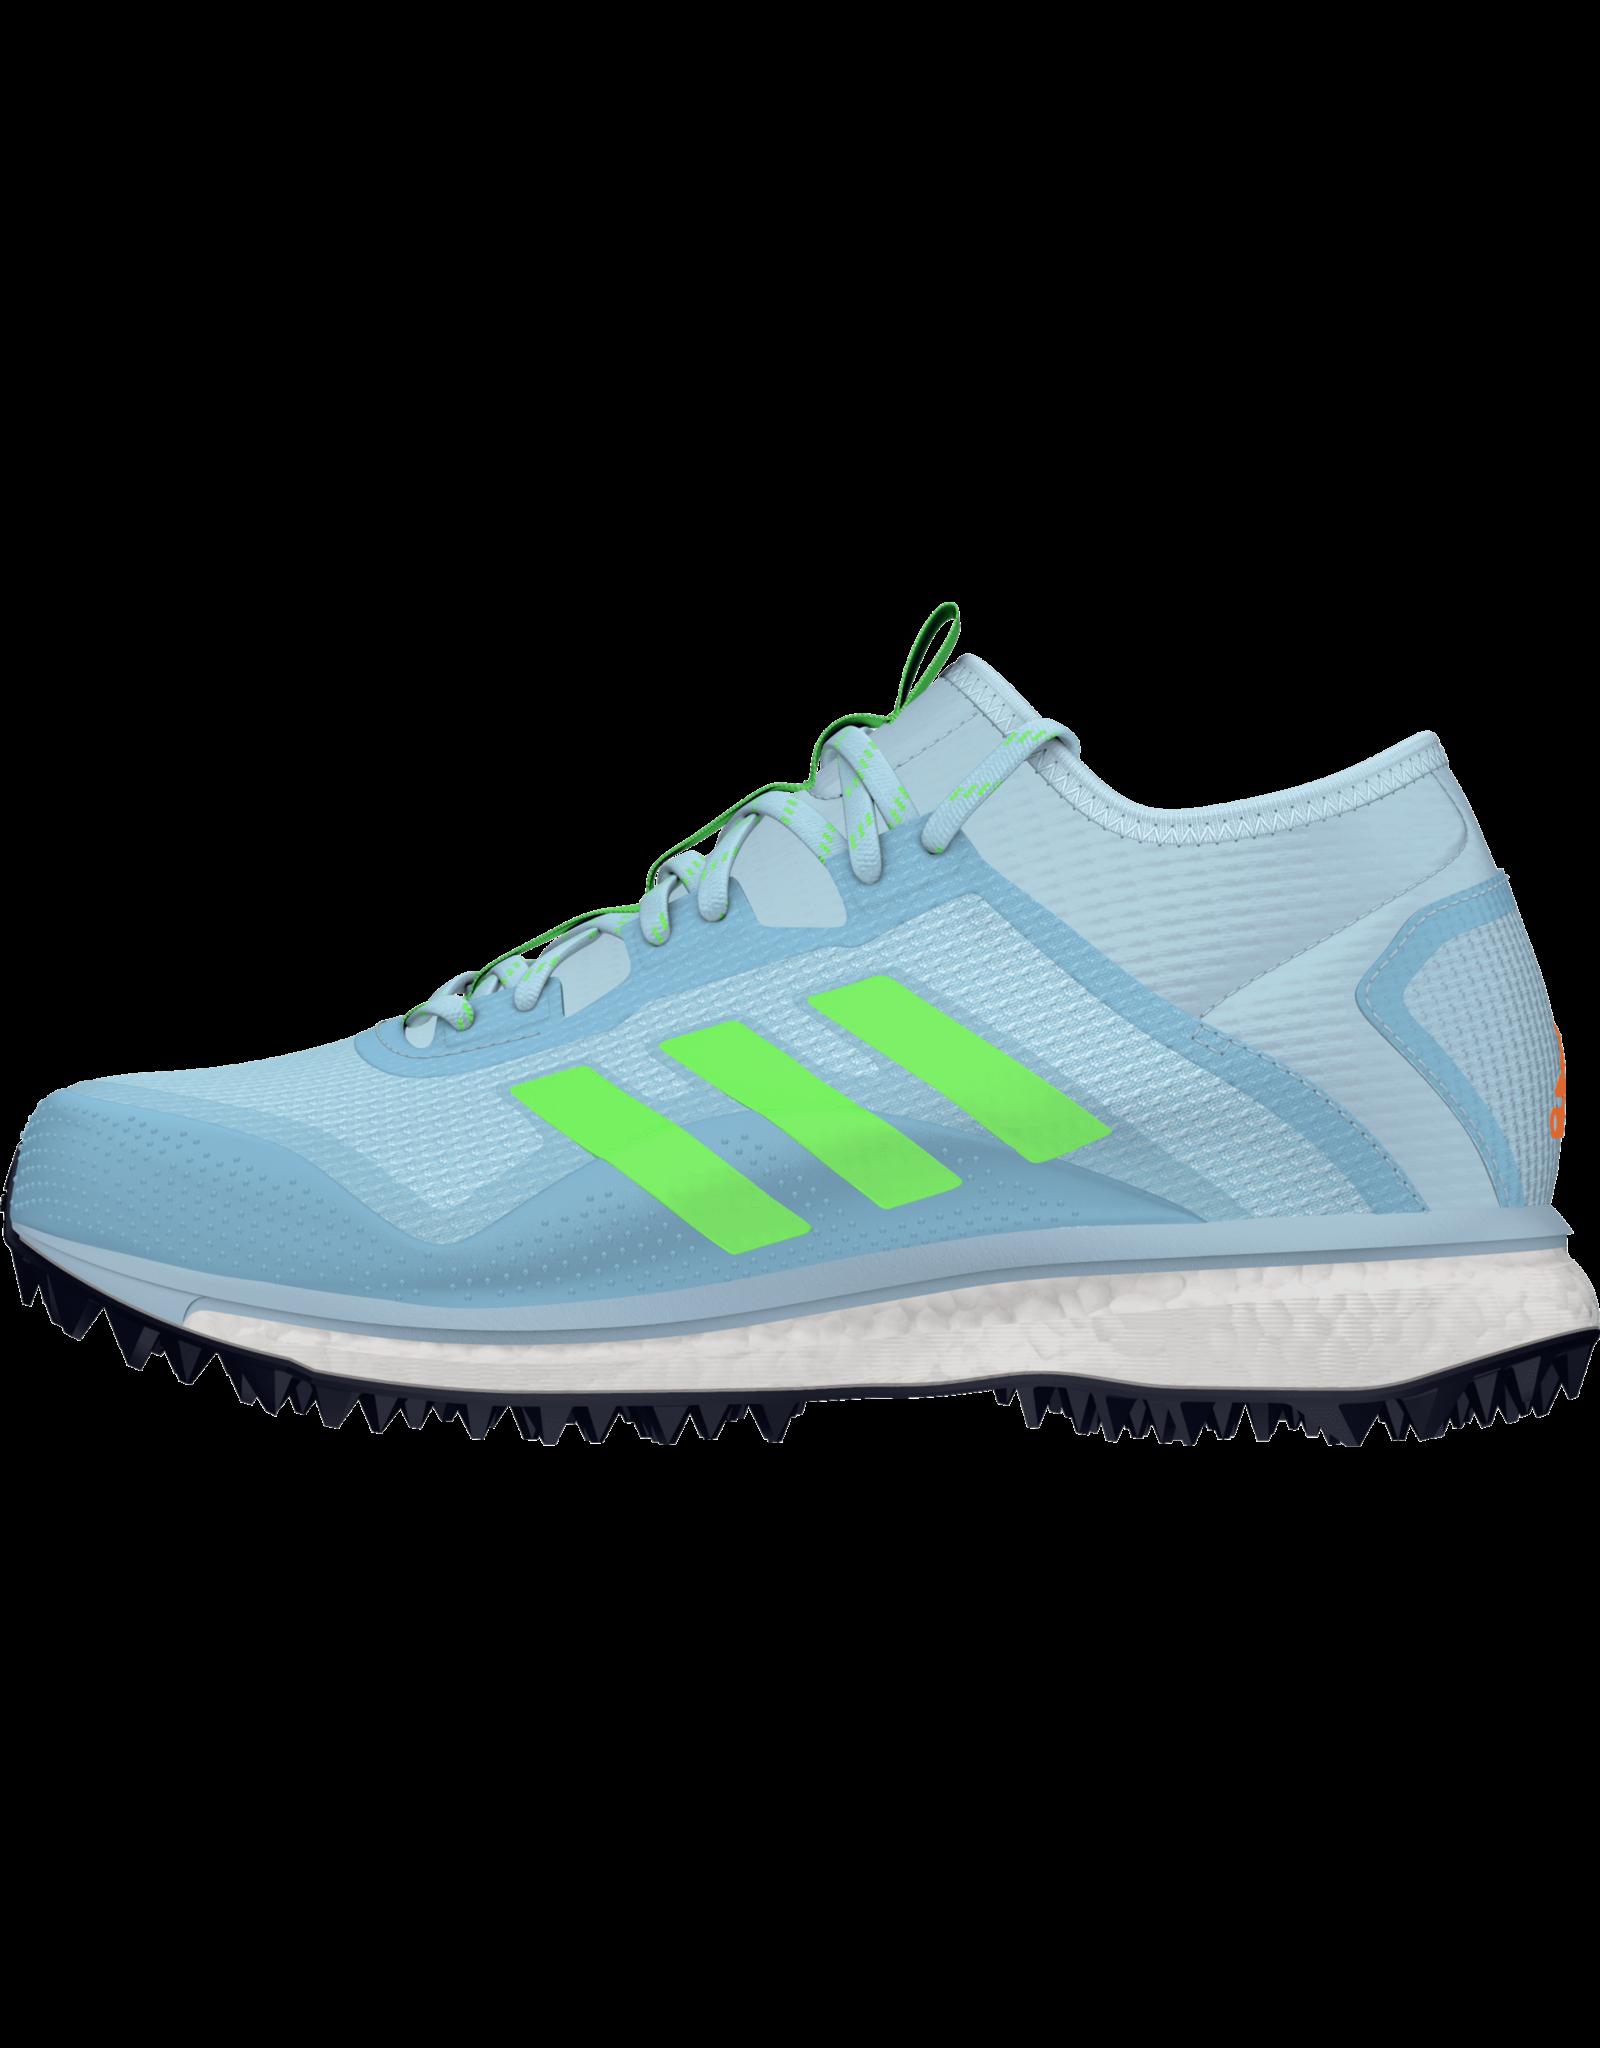 Adidas FABELA X EMPOWER